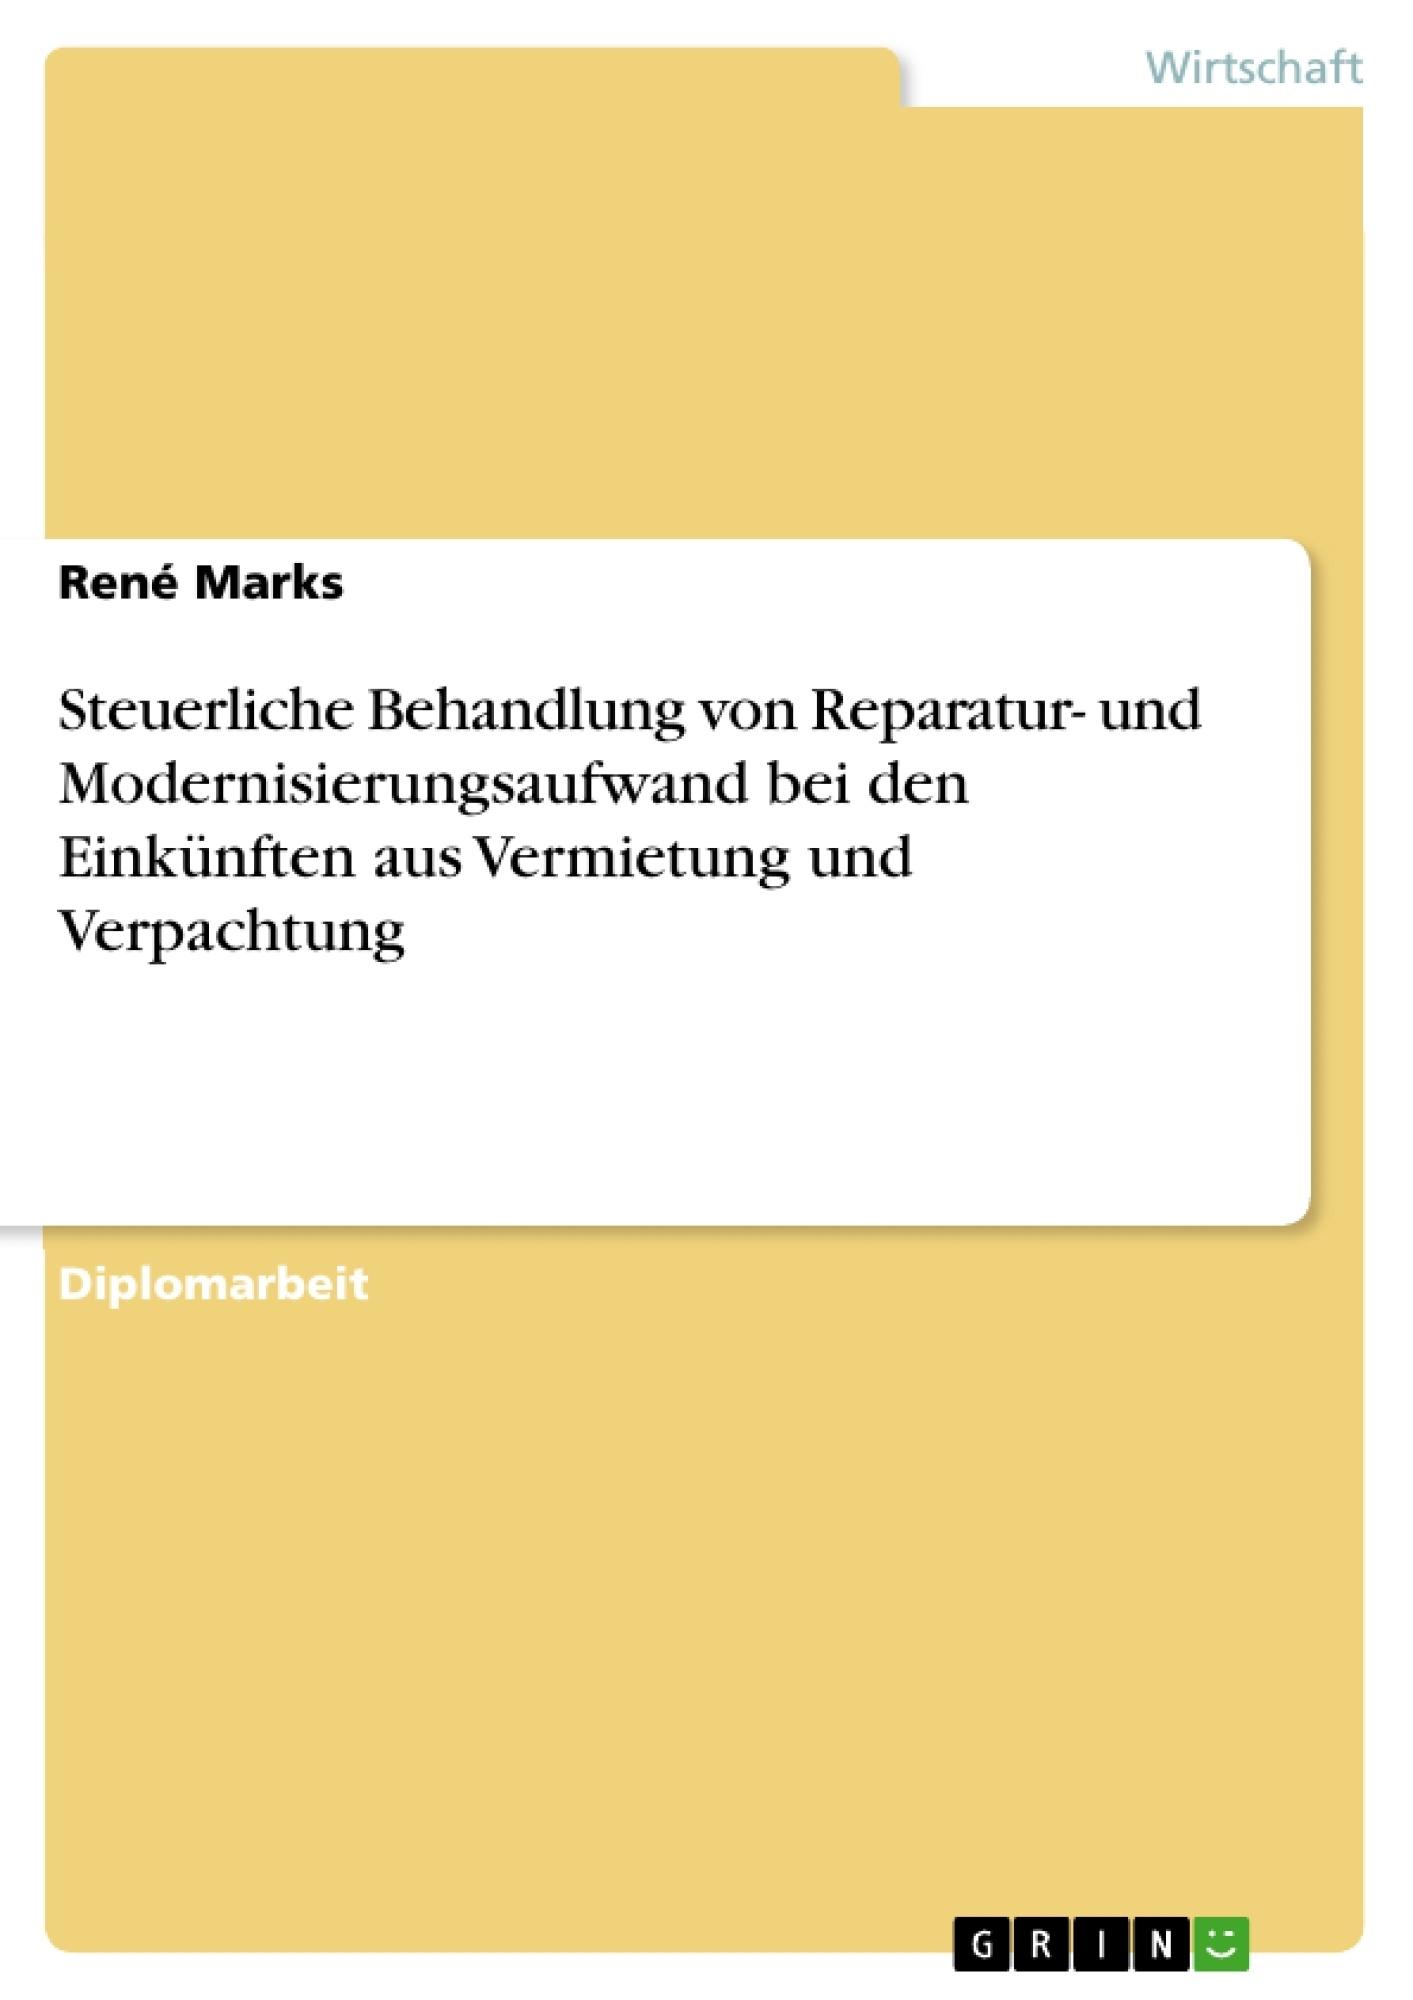 Titel: Steuerliche Behandlung von Reparatur- und Modernisierungsaufwand bei den Einkünften aus Vermietung und Verpachtung